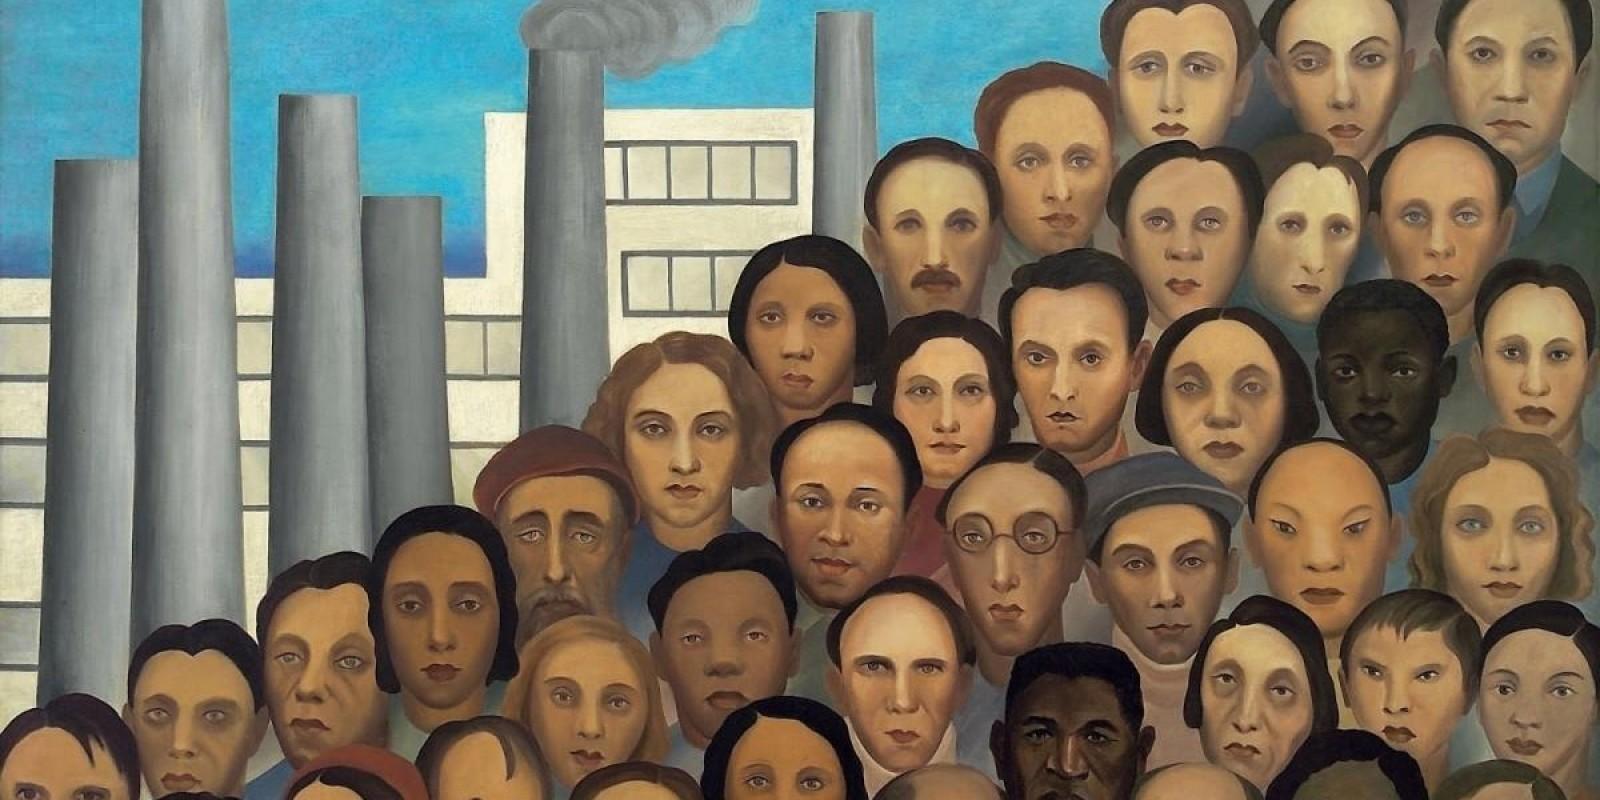 Como A Arte Pode Ser Uma Ferramenta Para A Pluralidade?